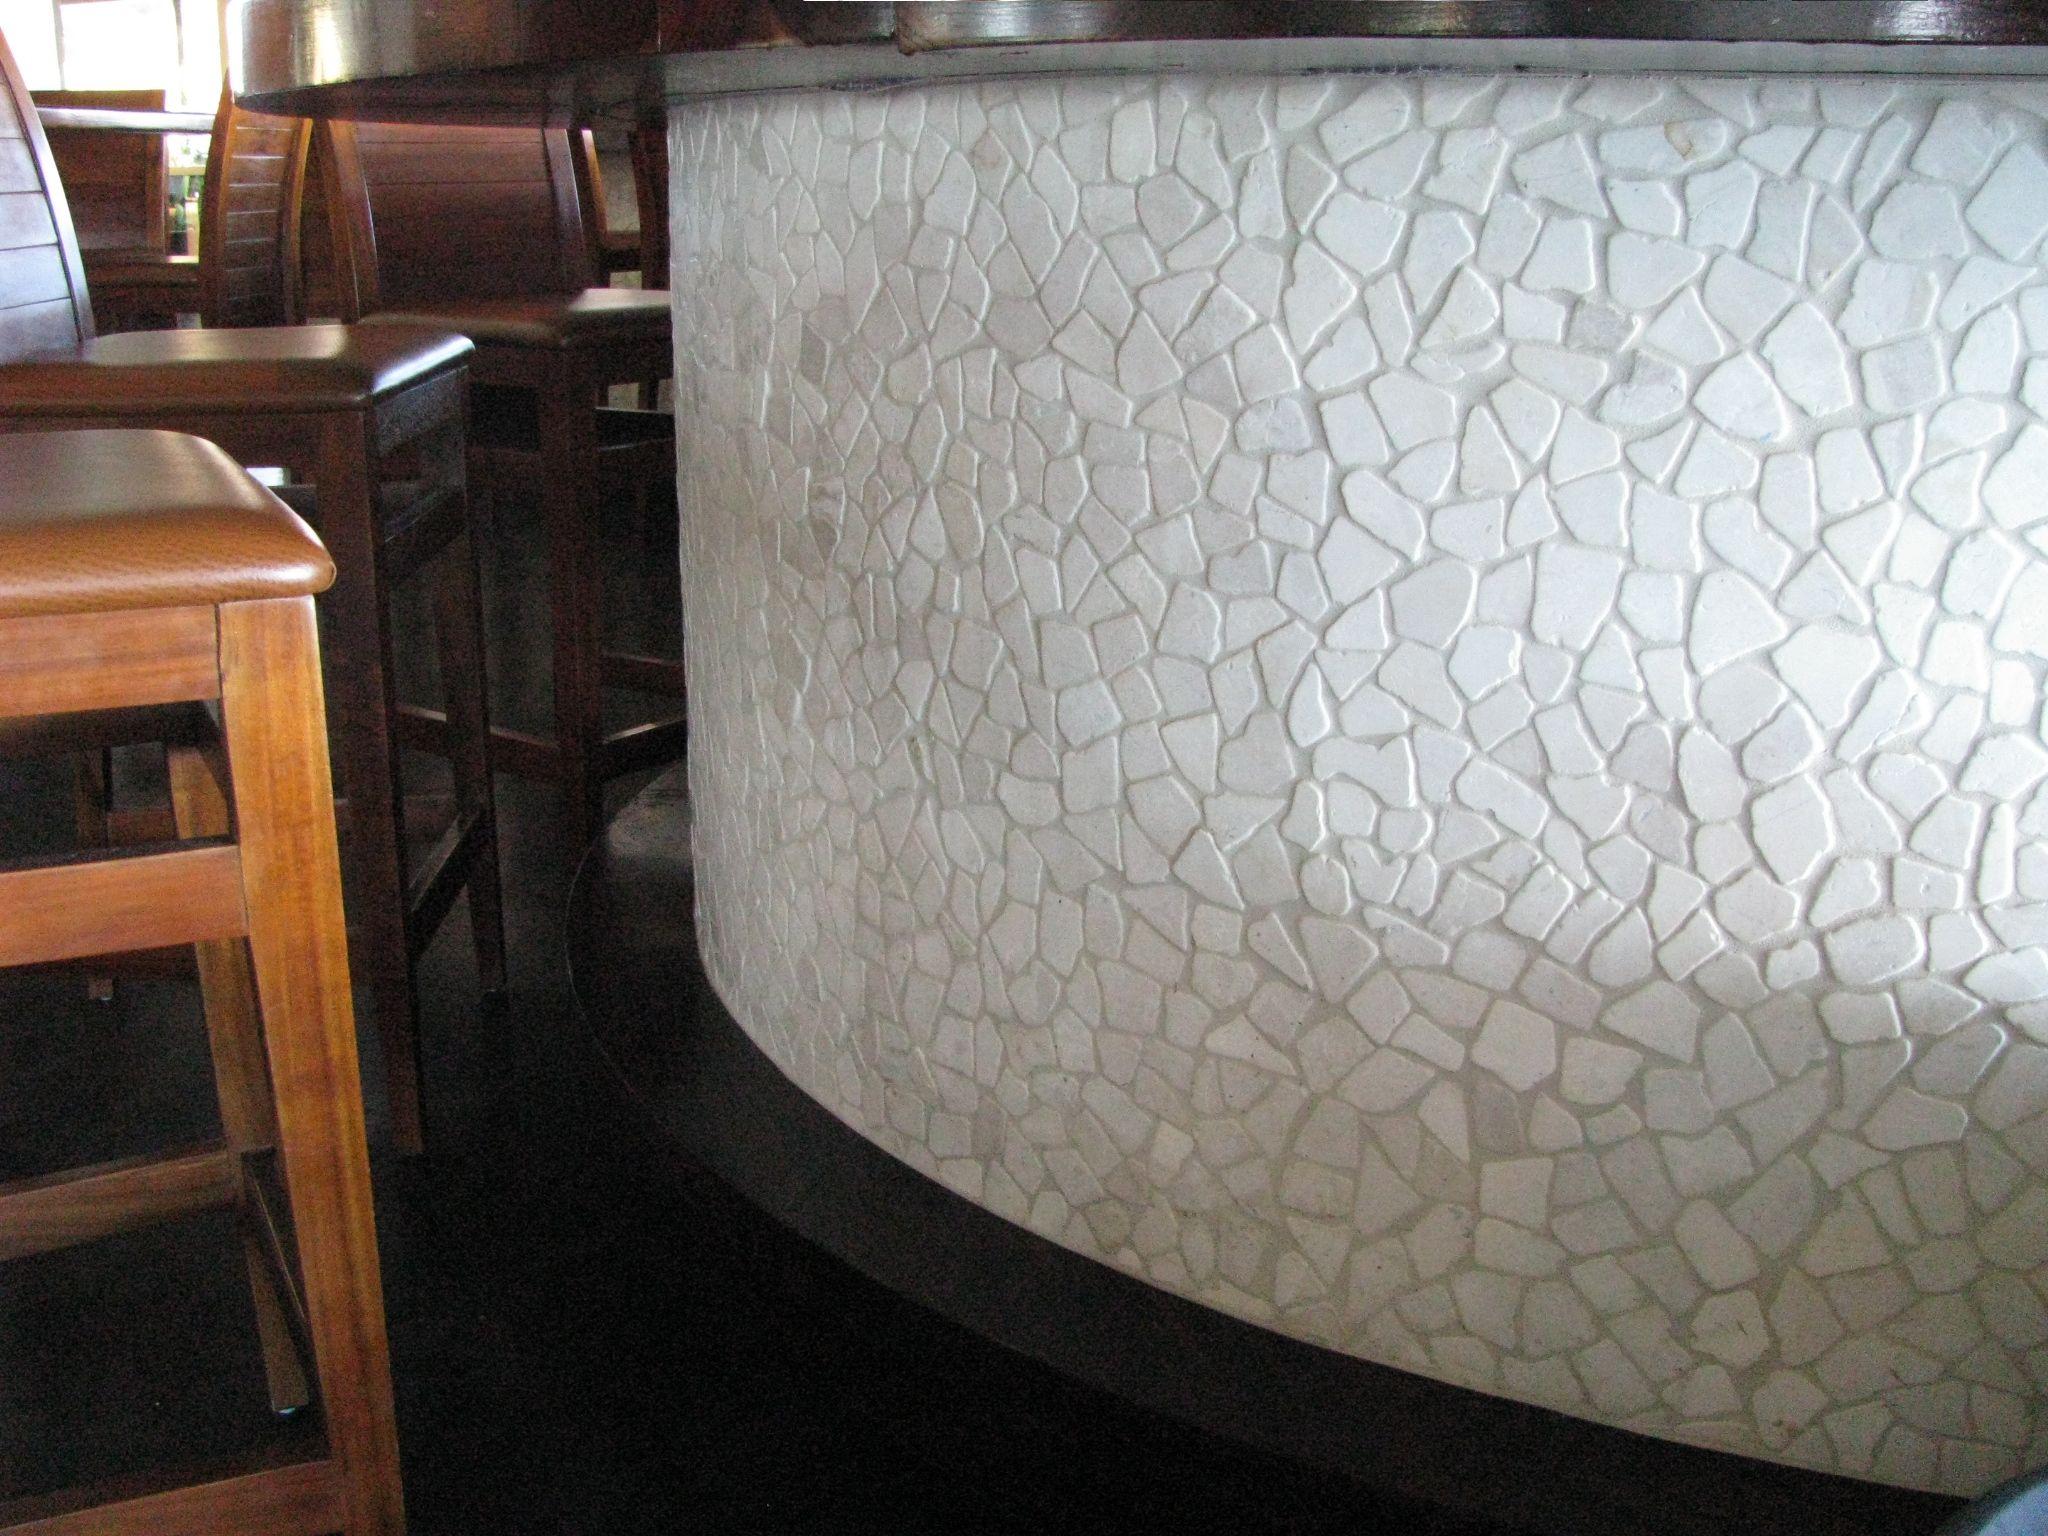 Ortografia modelli d imitazione marmo piastrelle piastrelle